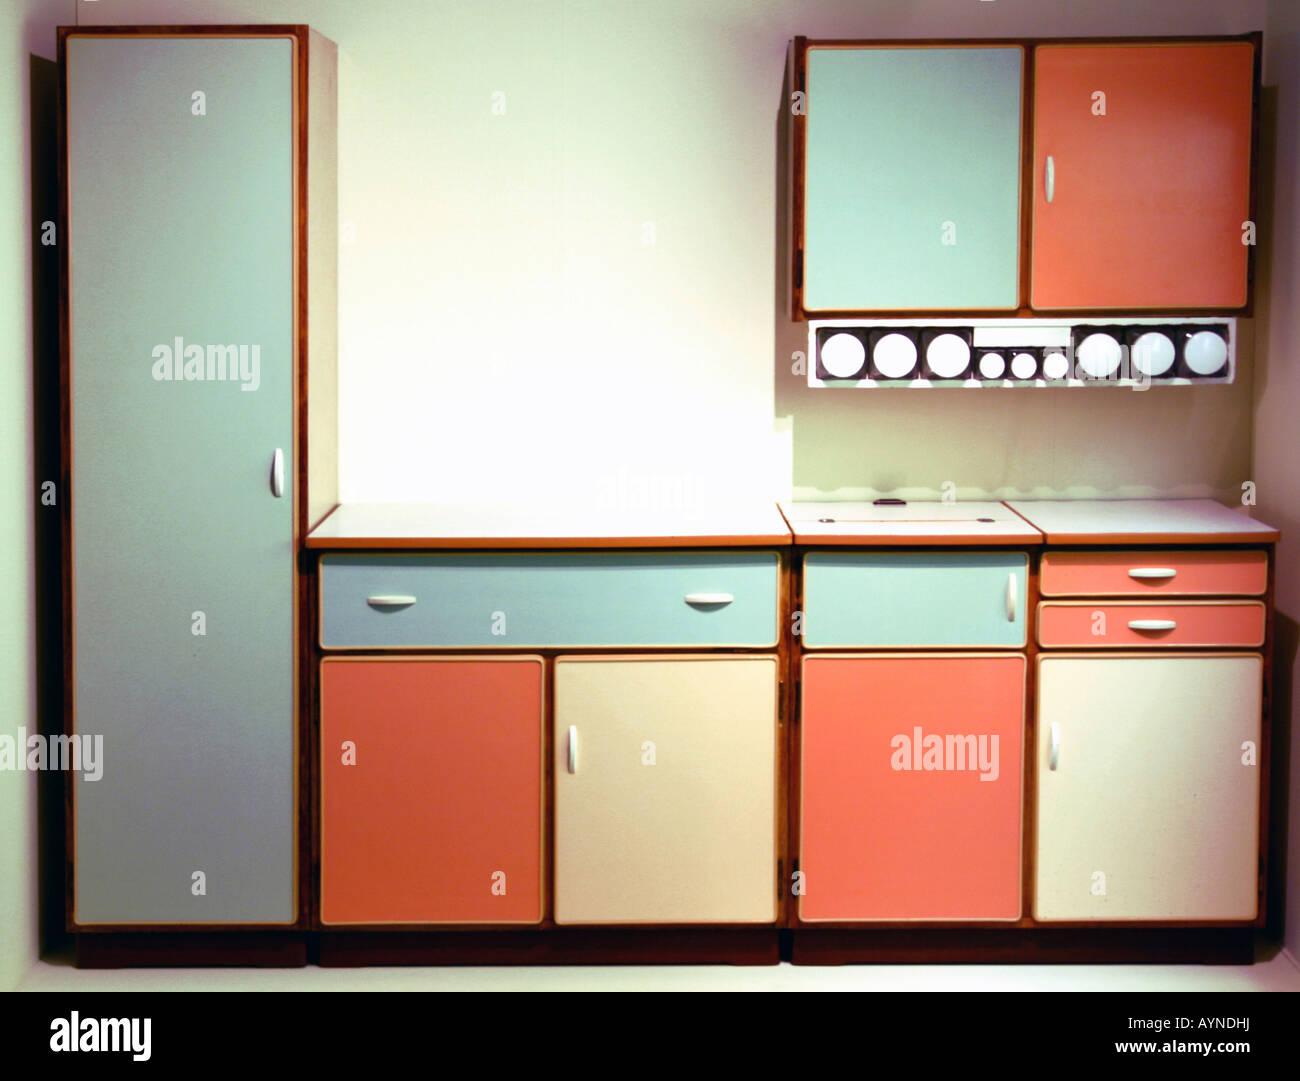 Eschebach Küchen architektur innenarchitektur möbel gebäude küche eschebach